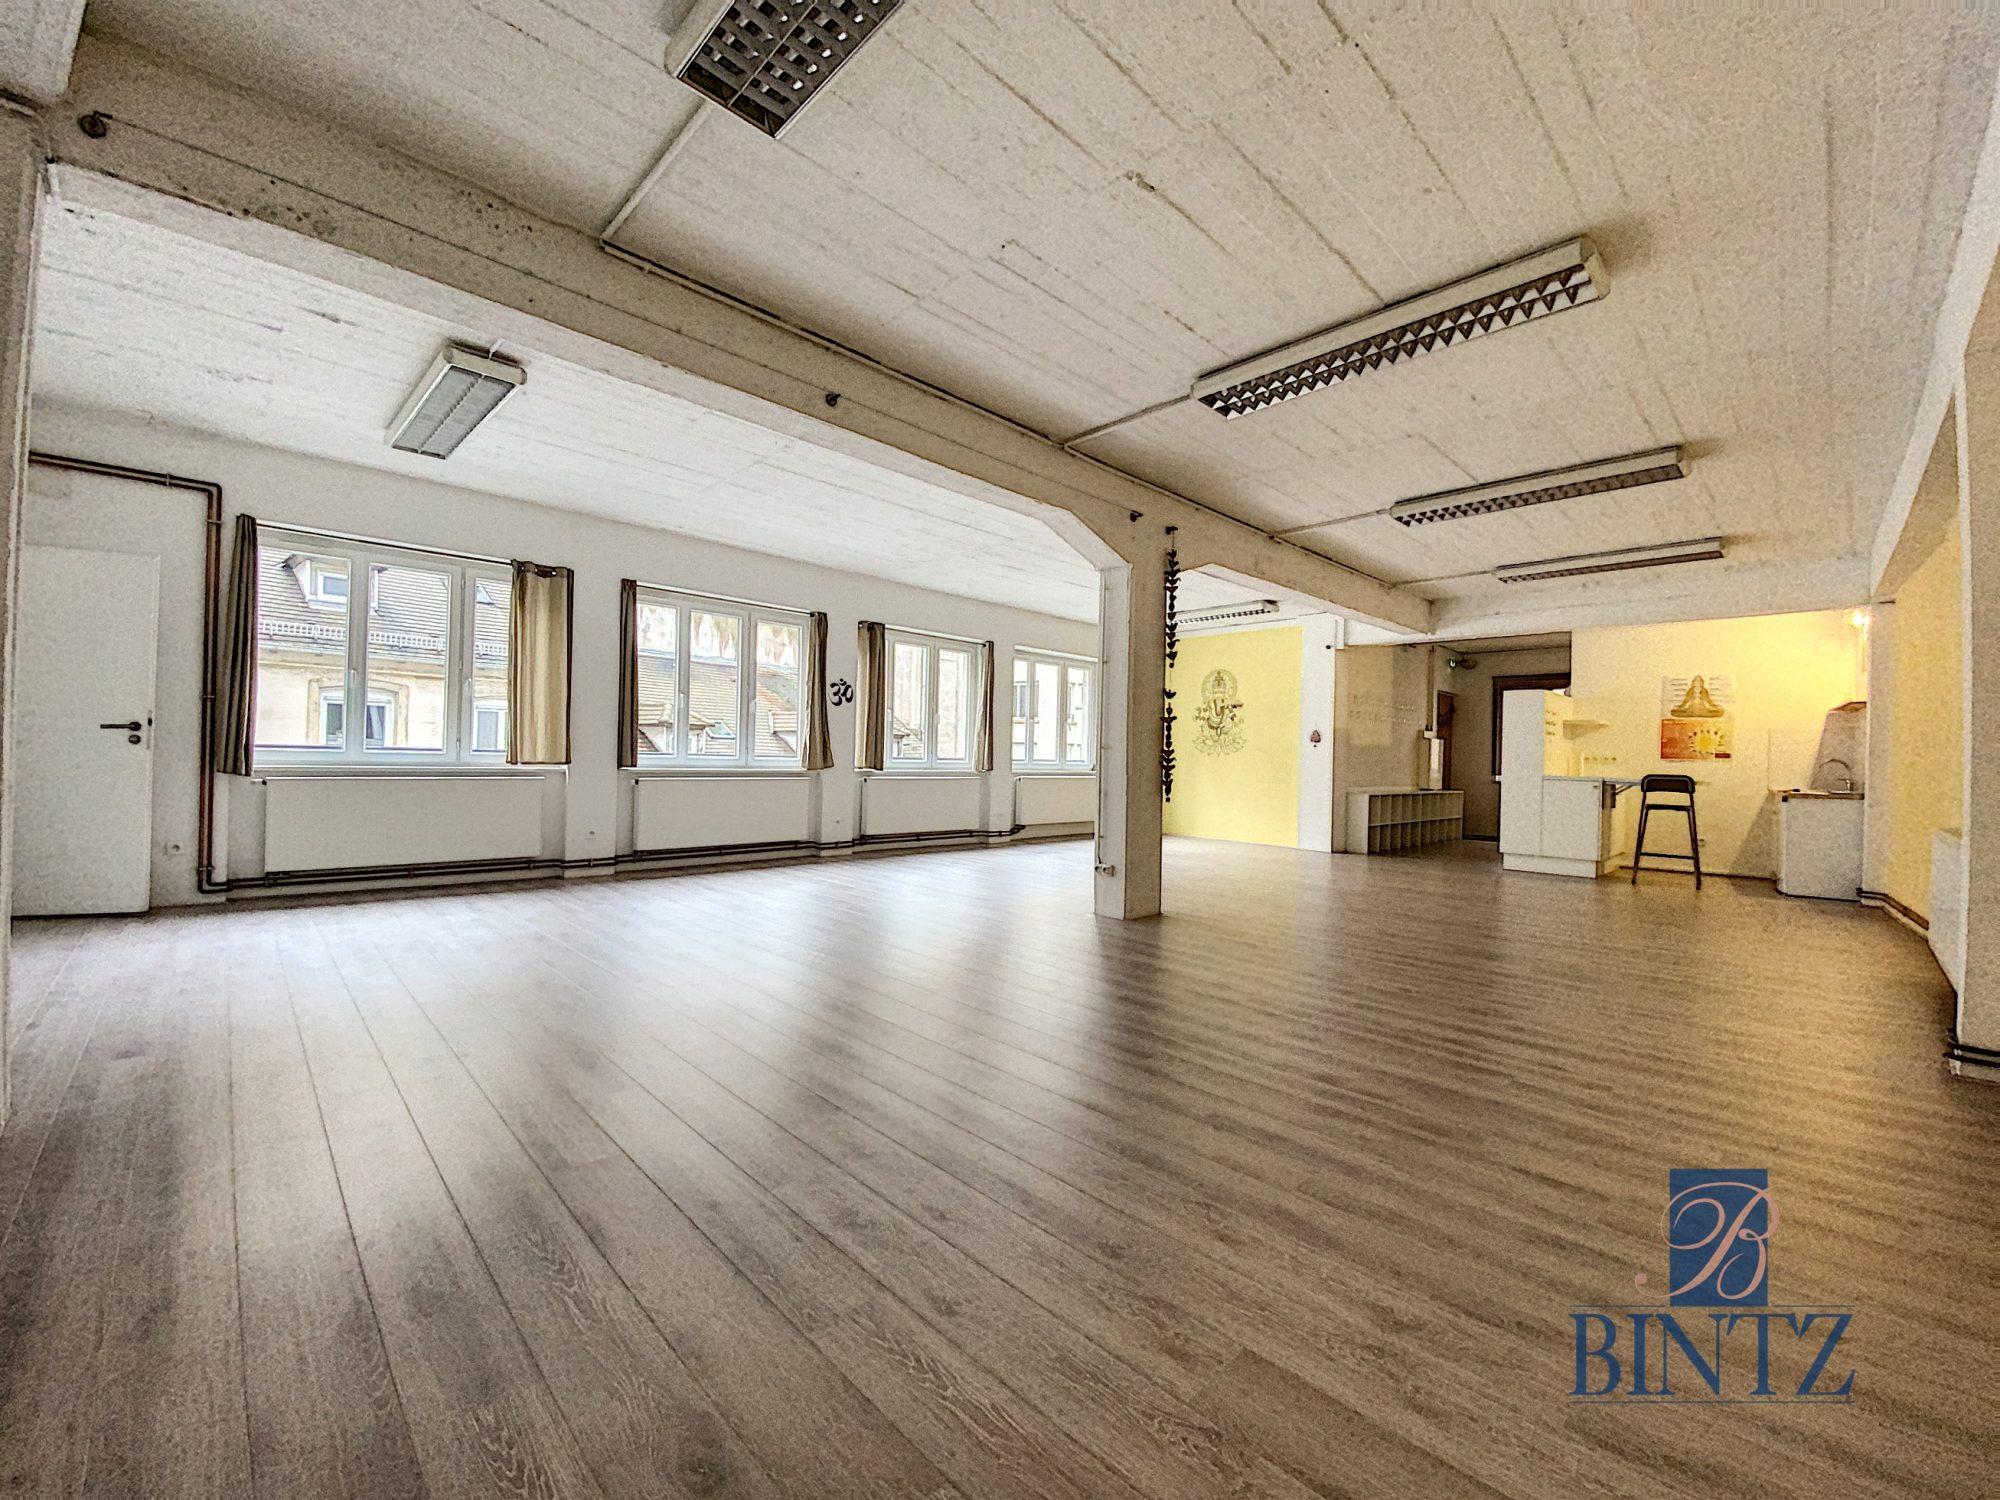 Plateau commercial à Louer Centre-ville - Devenez locataire en toute sérénité - Bintz Immobilier - 4